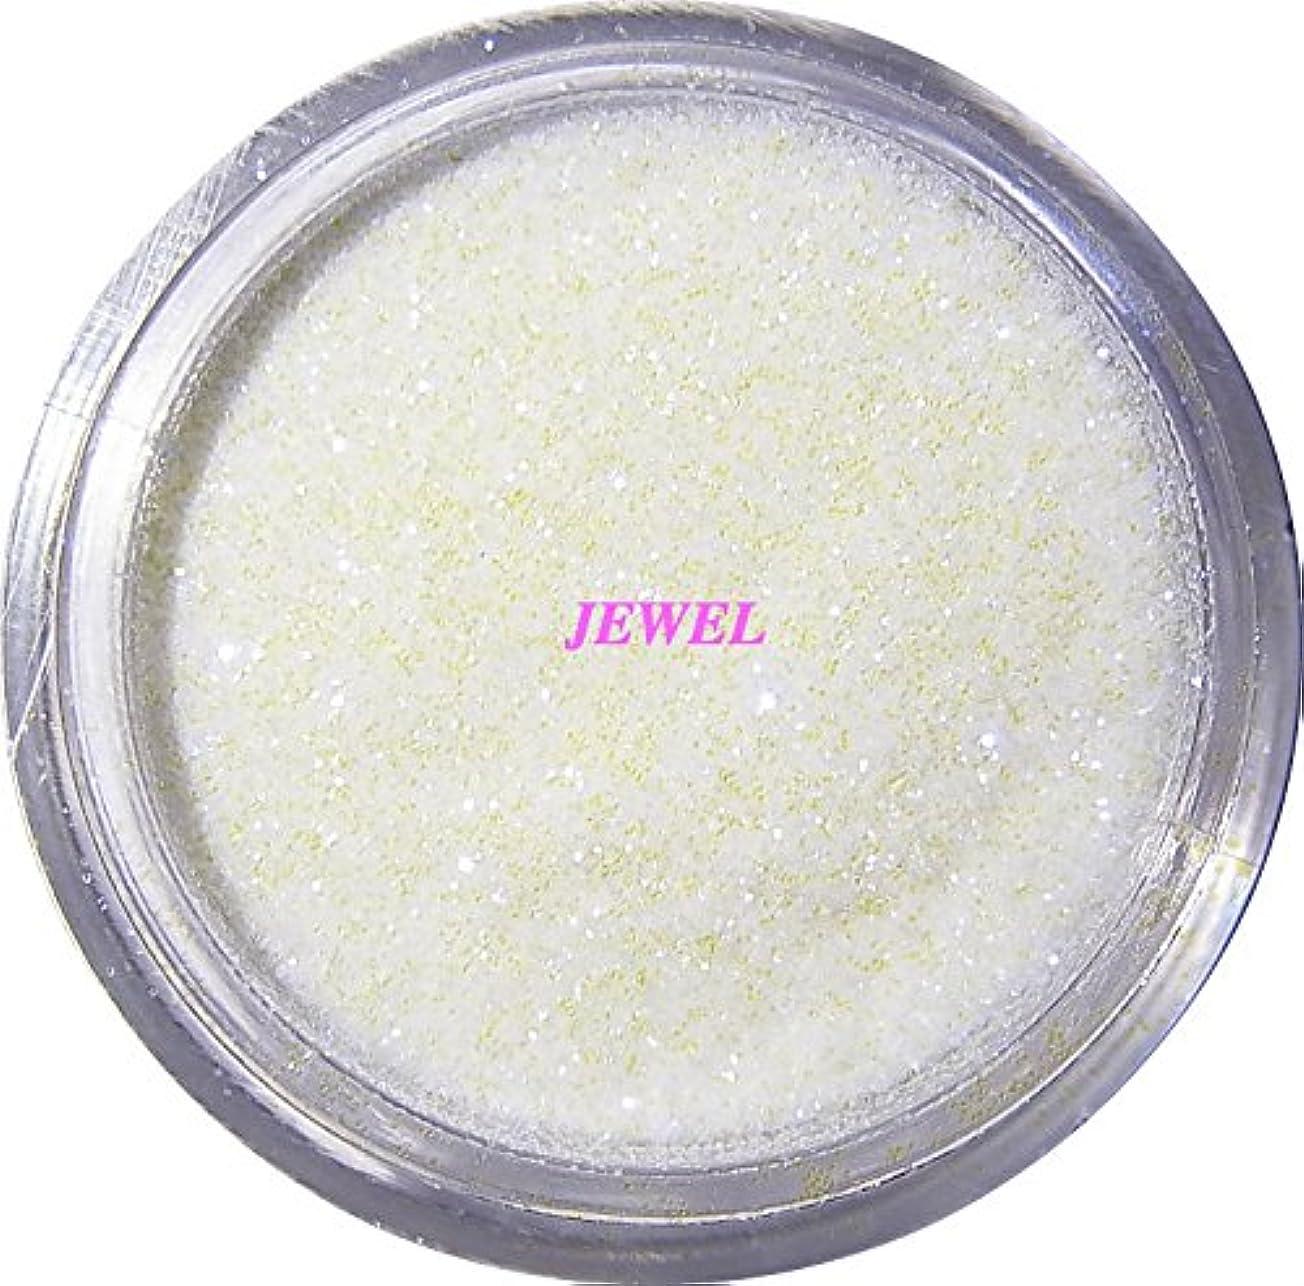 こっそりスリッパ物質【jewel】 超微粒子ラメパウダー(白/パールホワイト) 256/1サイズ 2g入り グリッター レジン&ネイル用